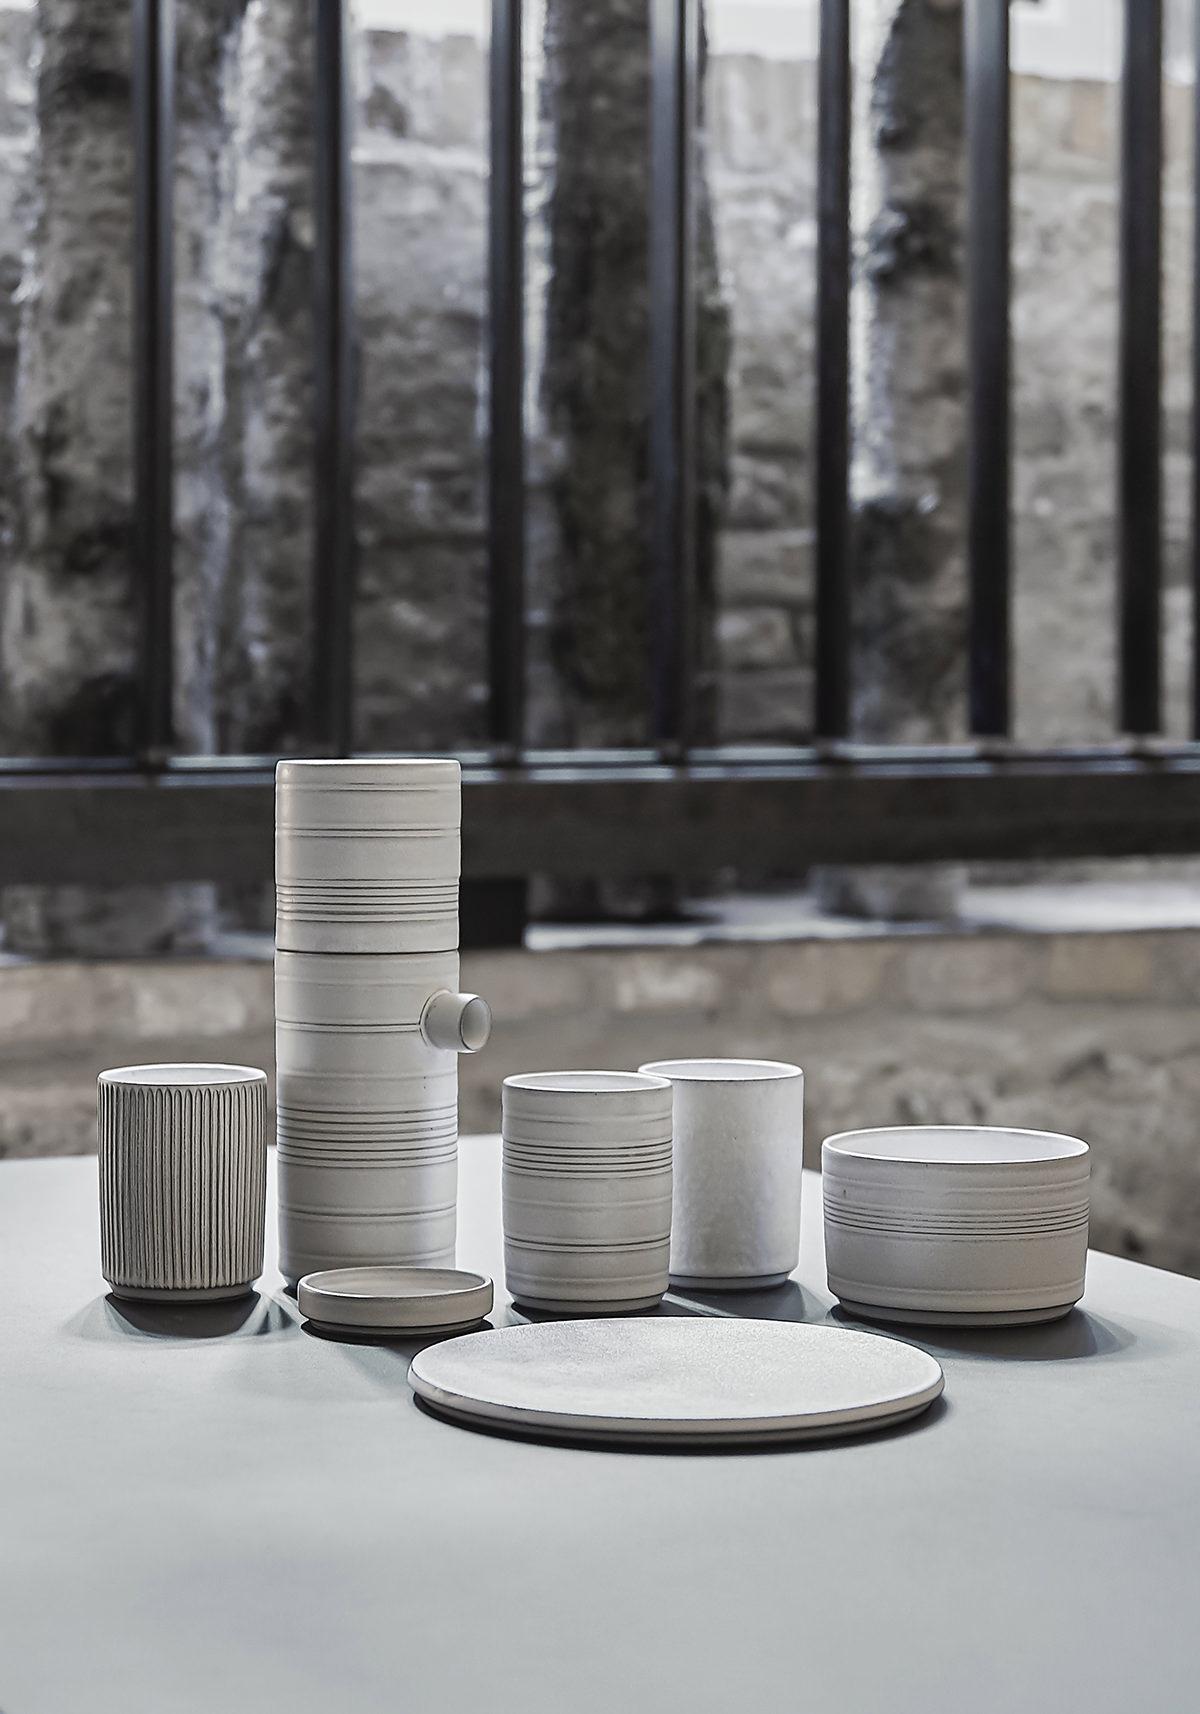 ASA ceramic Design Lars Vejen for Satoshi Masuda Pottery 01